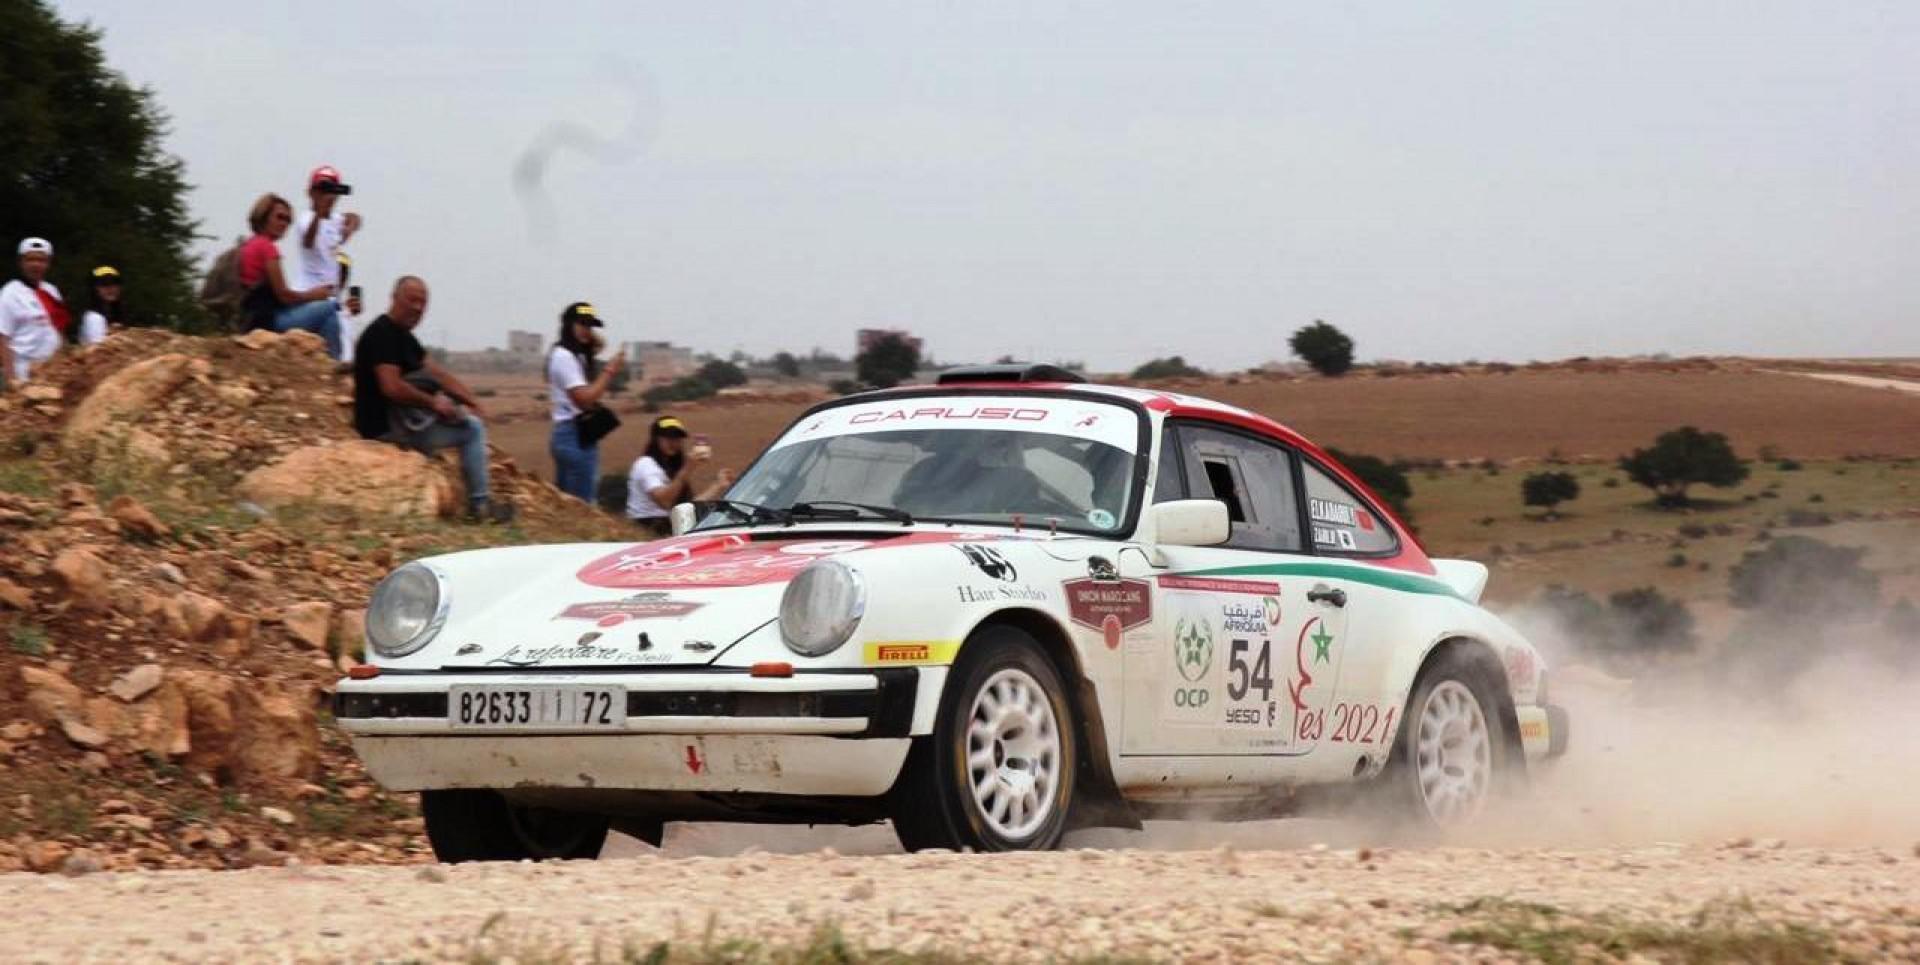 Un talentueux pilote marocain découvert grâce au Maroc Historic Rally